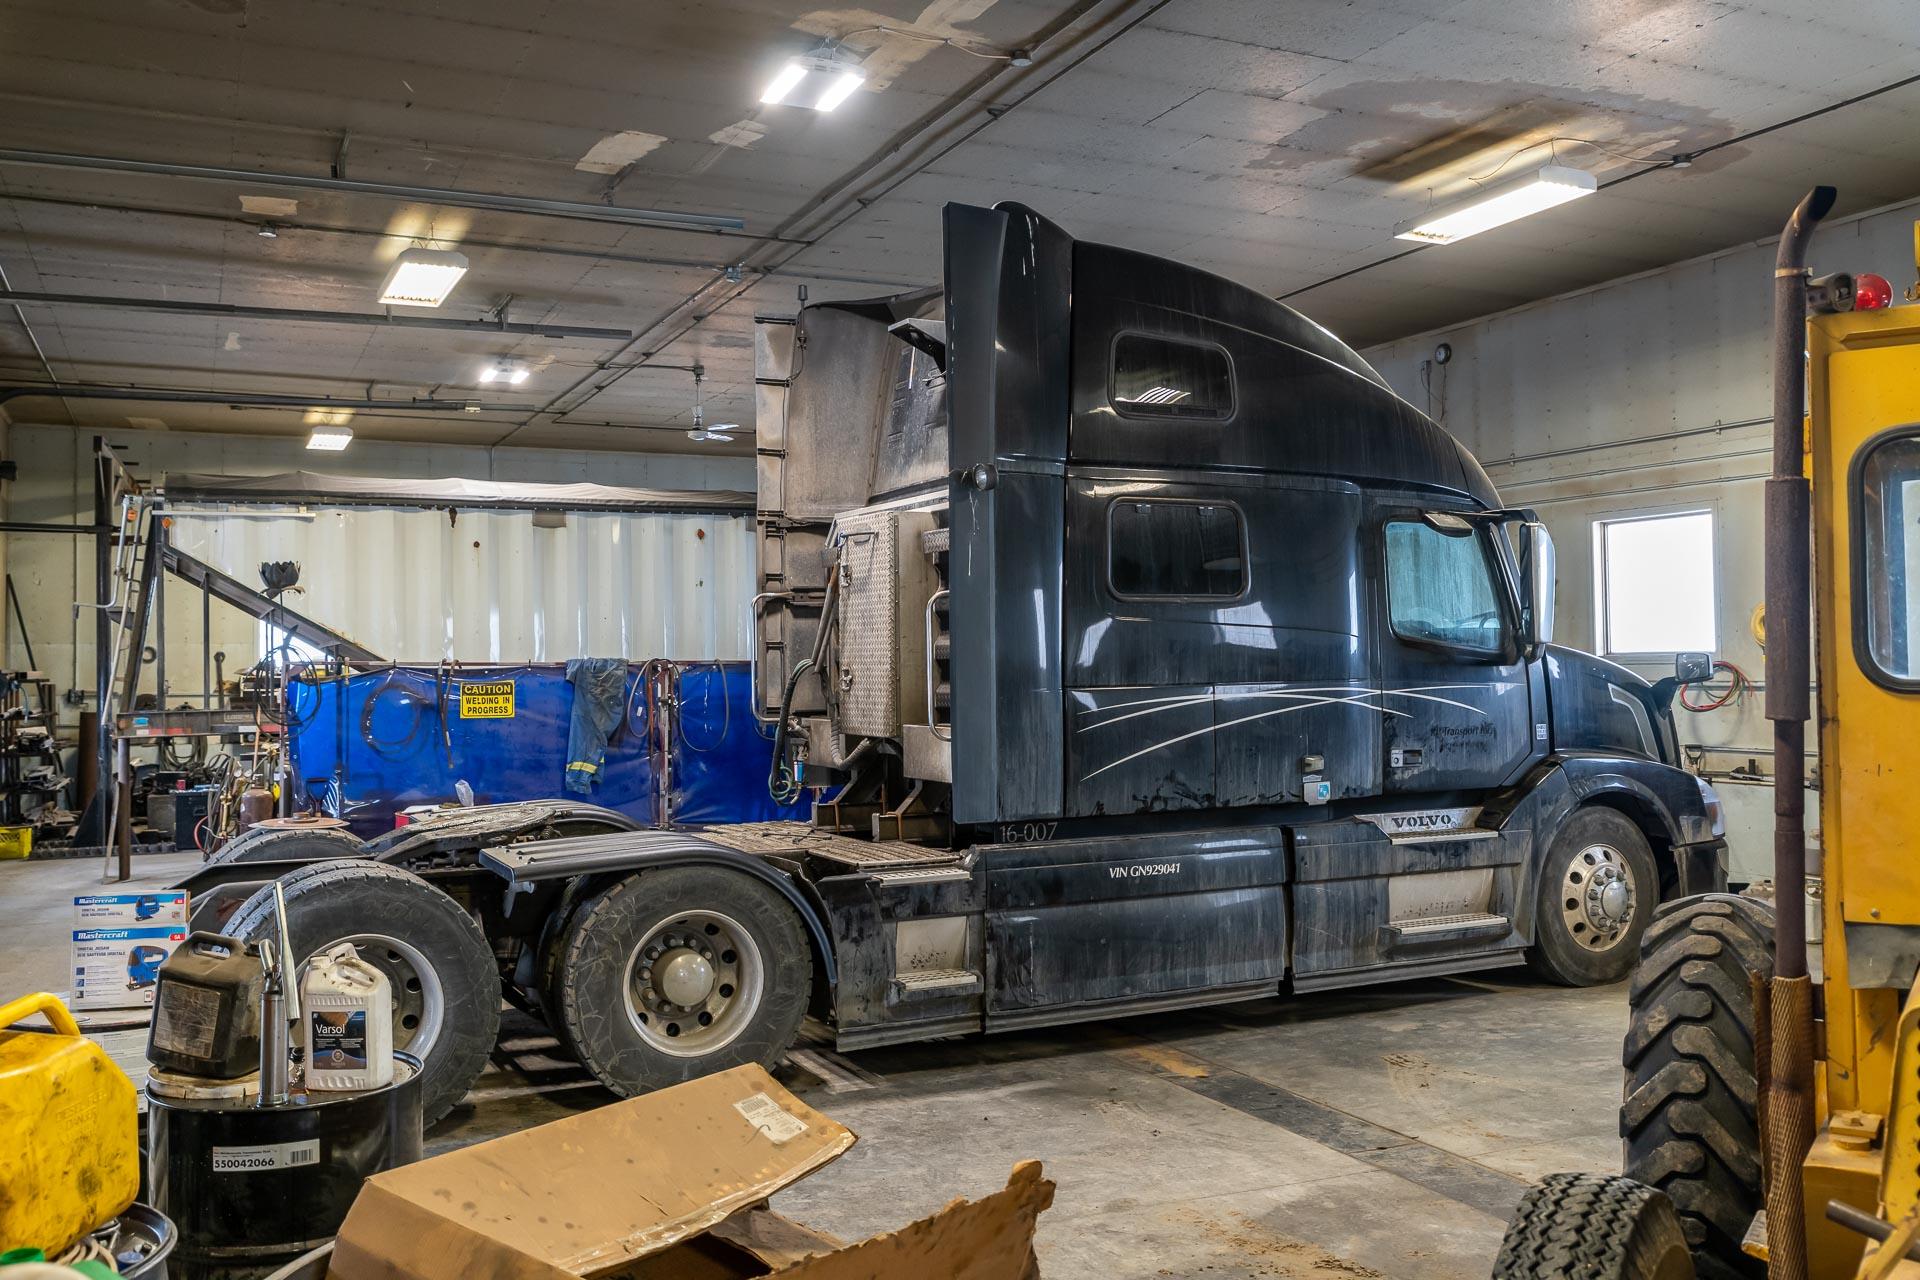 Ein Lastwagen zum reparieren